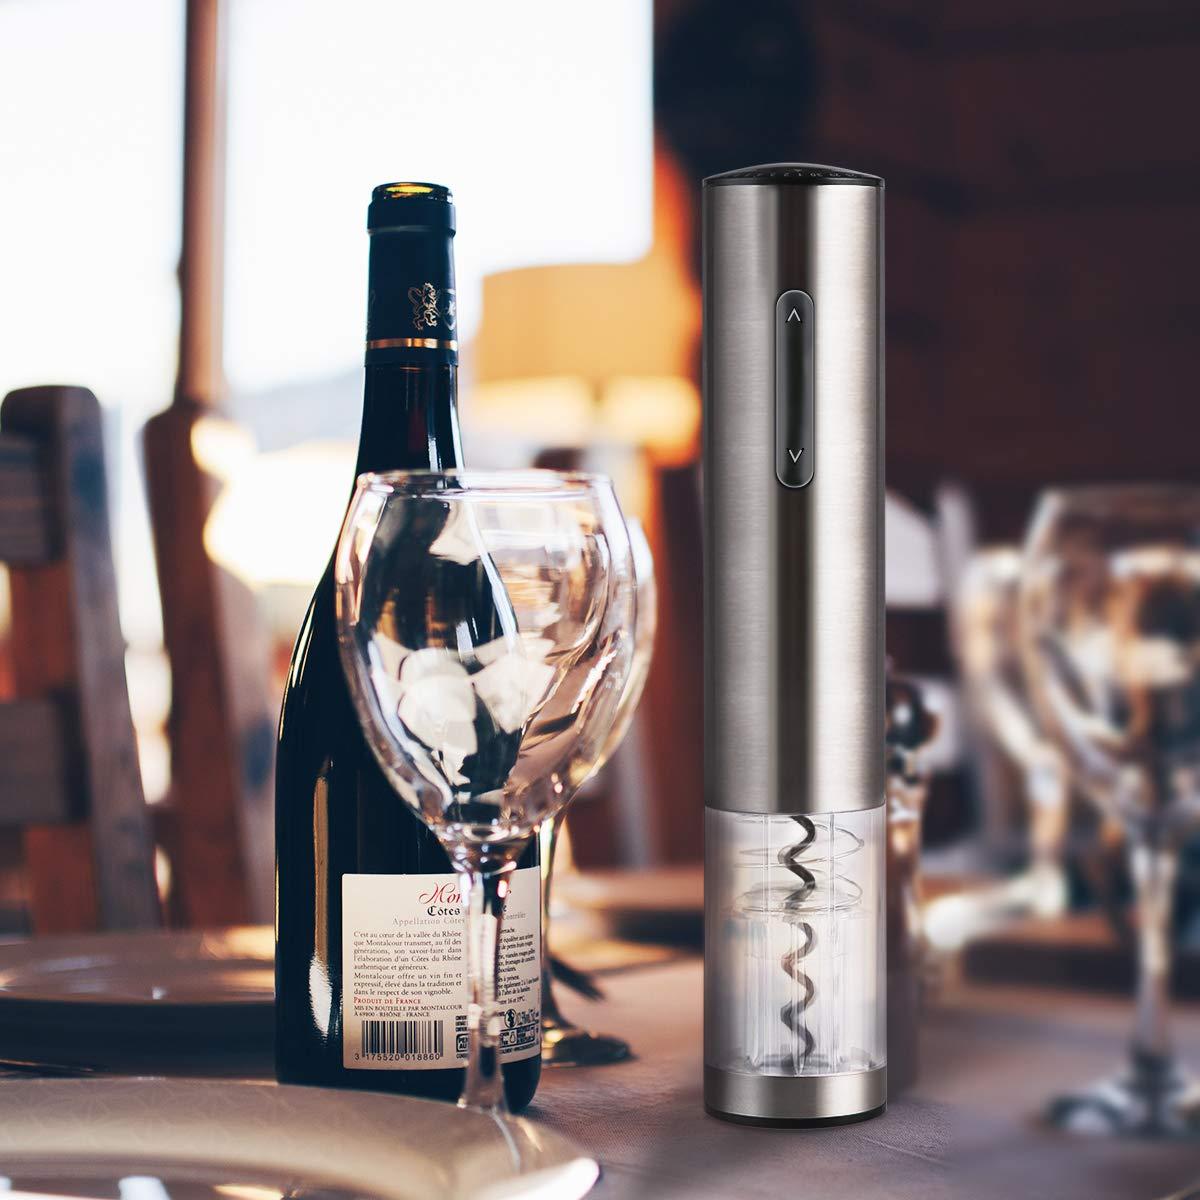 juego navide/ño Abrelatas de vino el/éctrico Hogar y estilo Abrelatas de vino inal/ámbrico con bater/ía con cortador de aluminio Tap/ón de vino al vac/ío y vertedor de vino